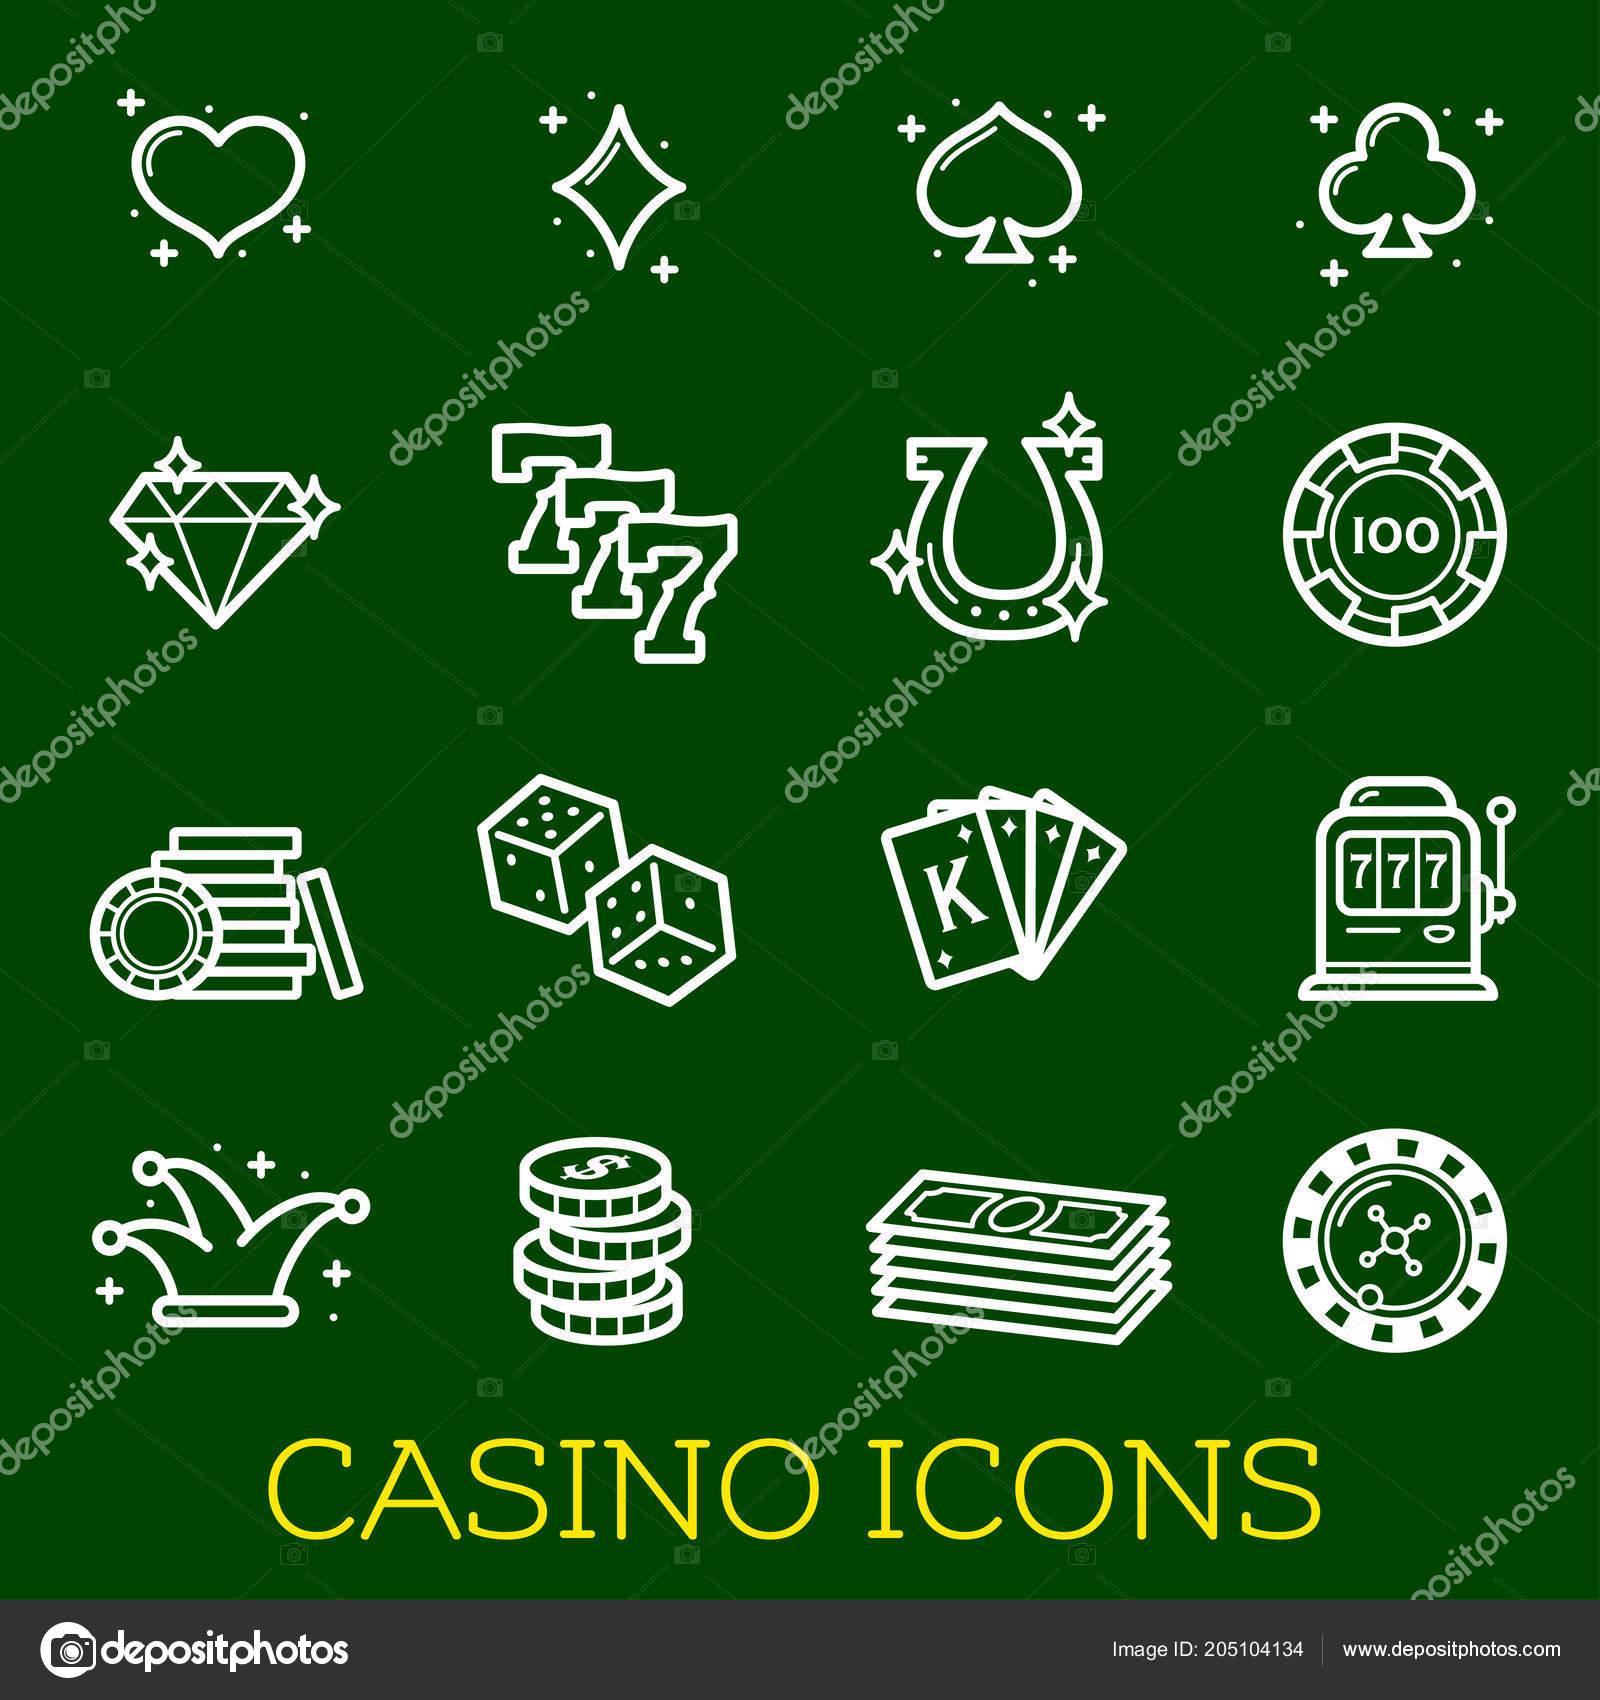 b4350c18d0 Casinò gioco d'azzardo e poker linea sottile icone Vector jackpot e bingo  simboli di slot machine per online casino internet, giocare a carte e  monete dei ...